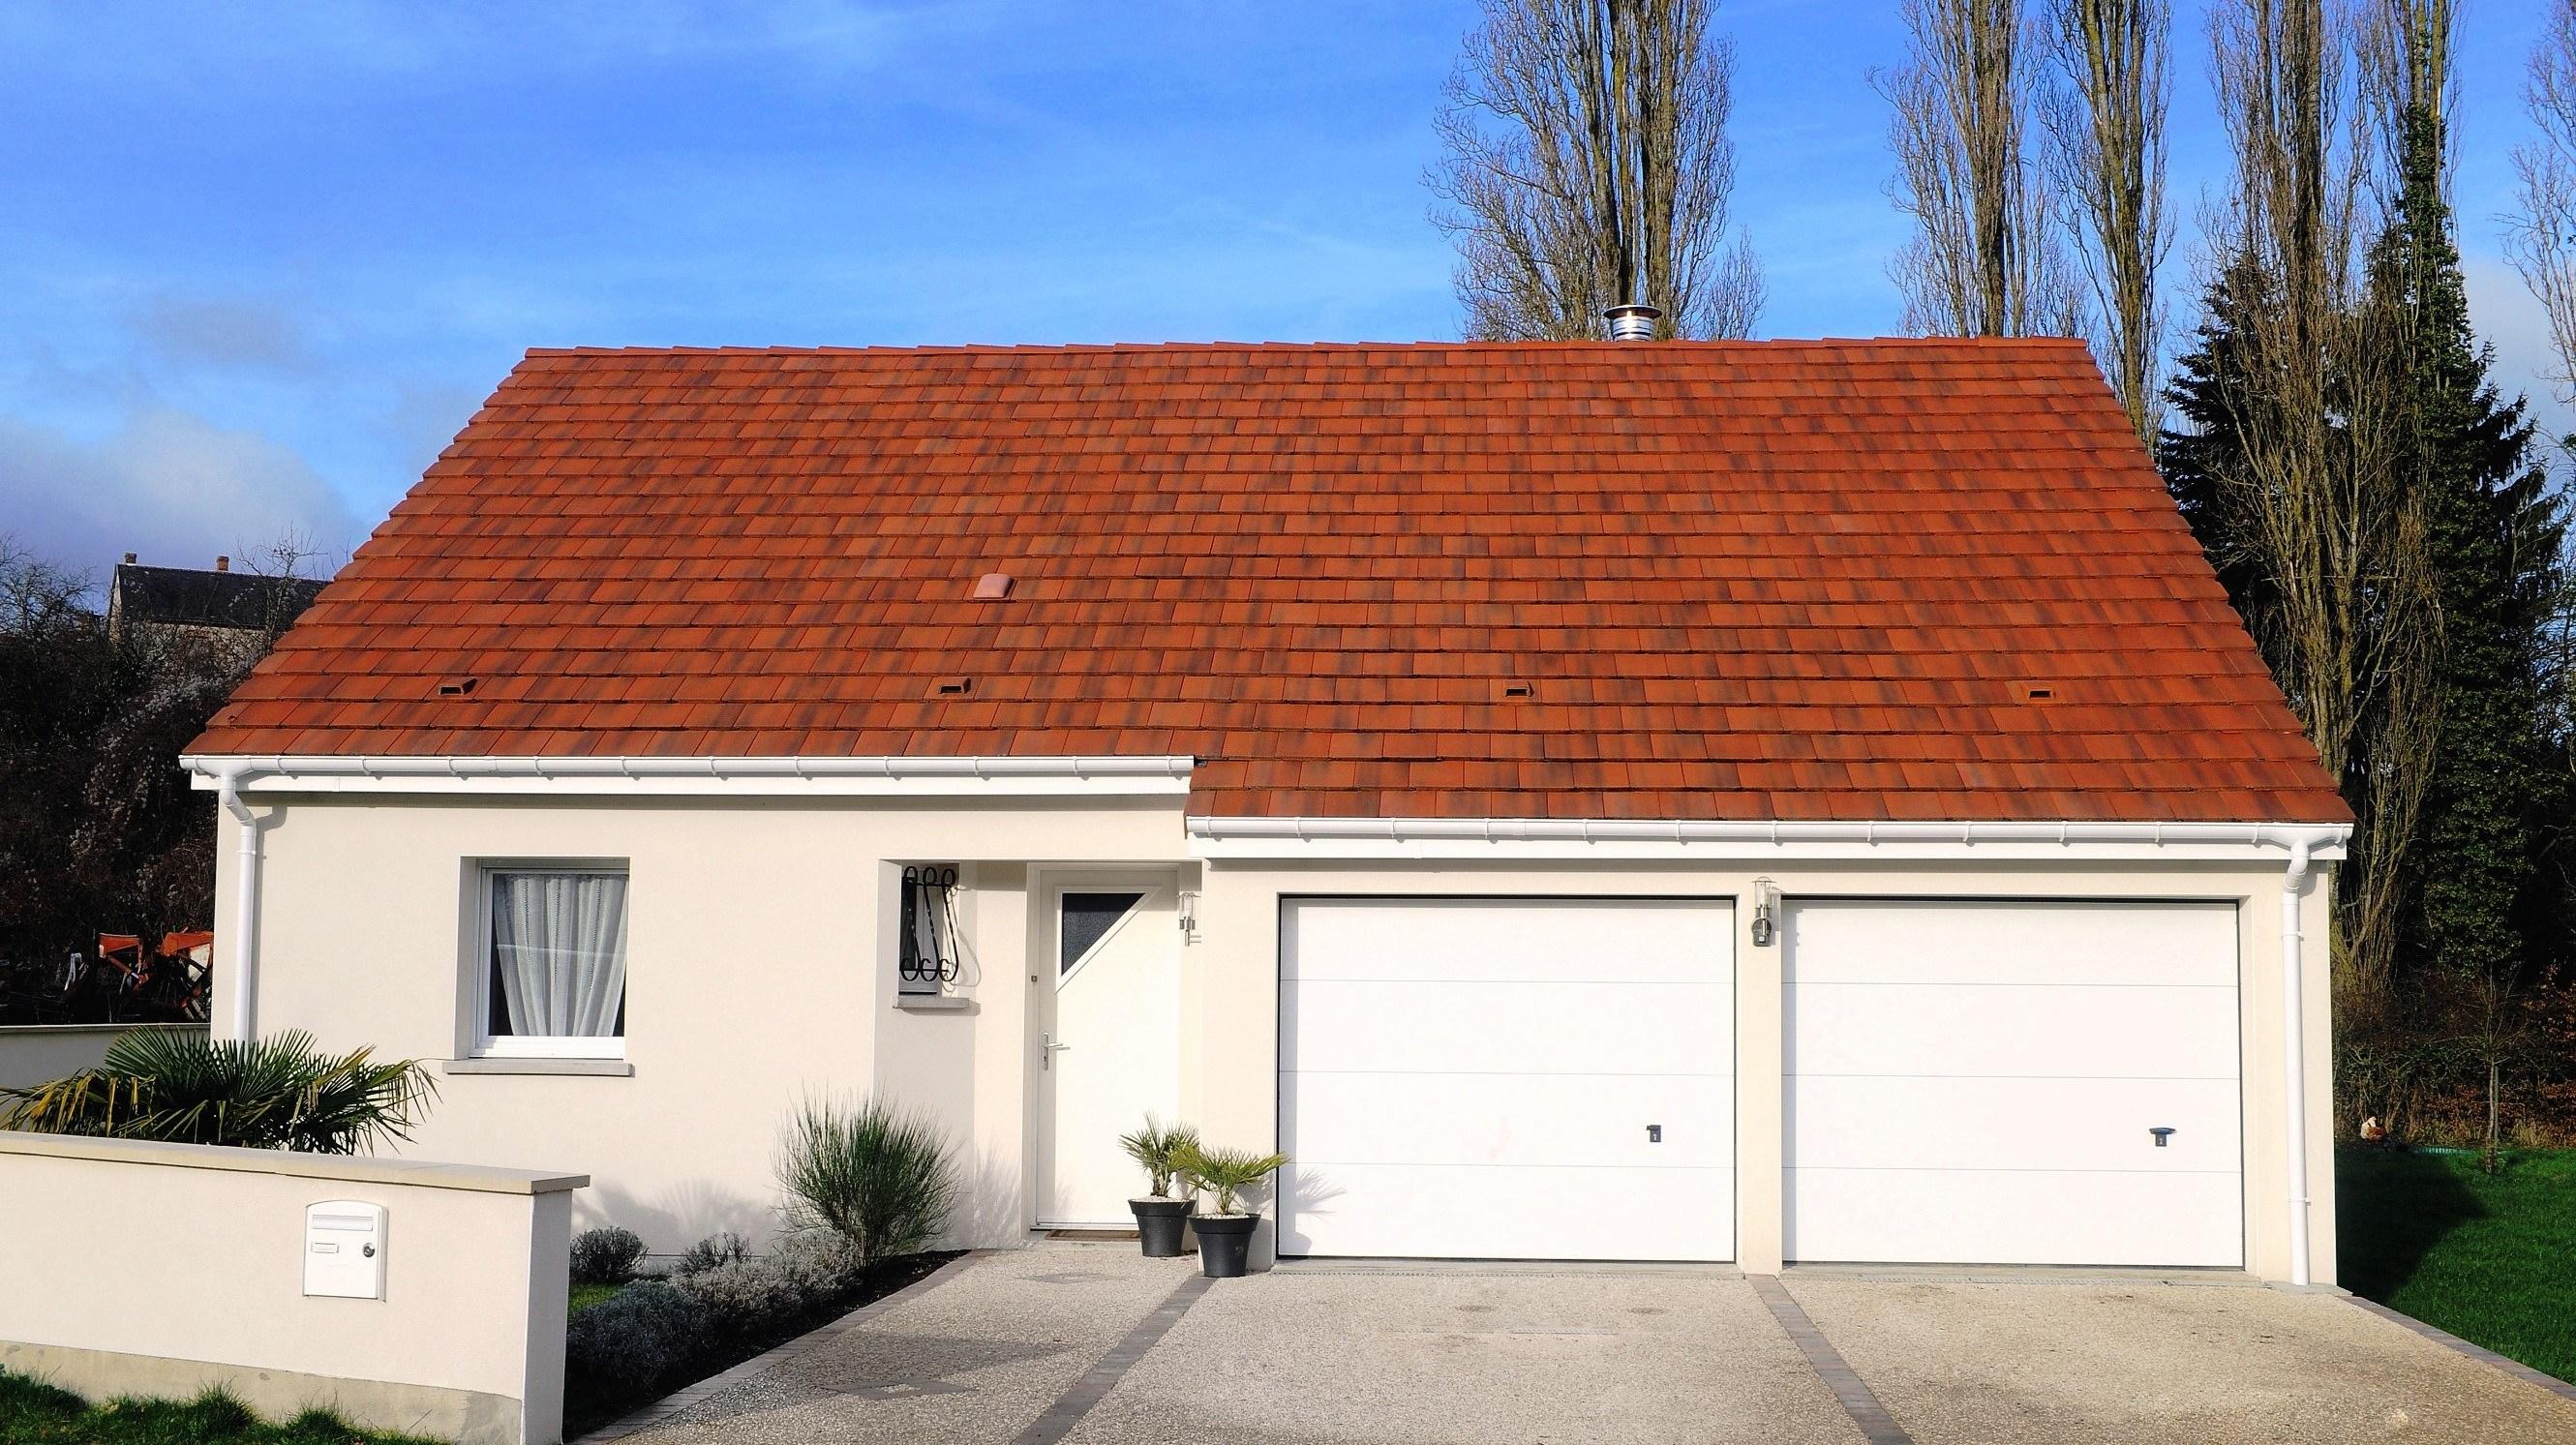 Votre maison + terrain à Dunkerque  - 59140